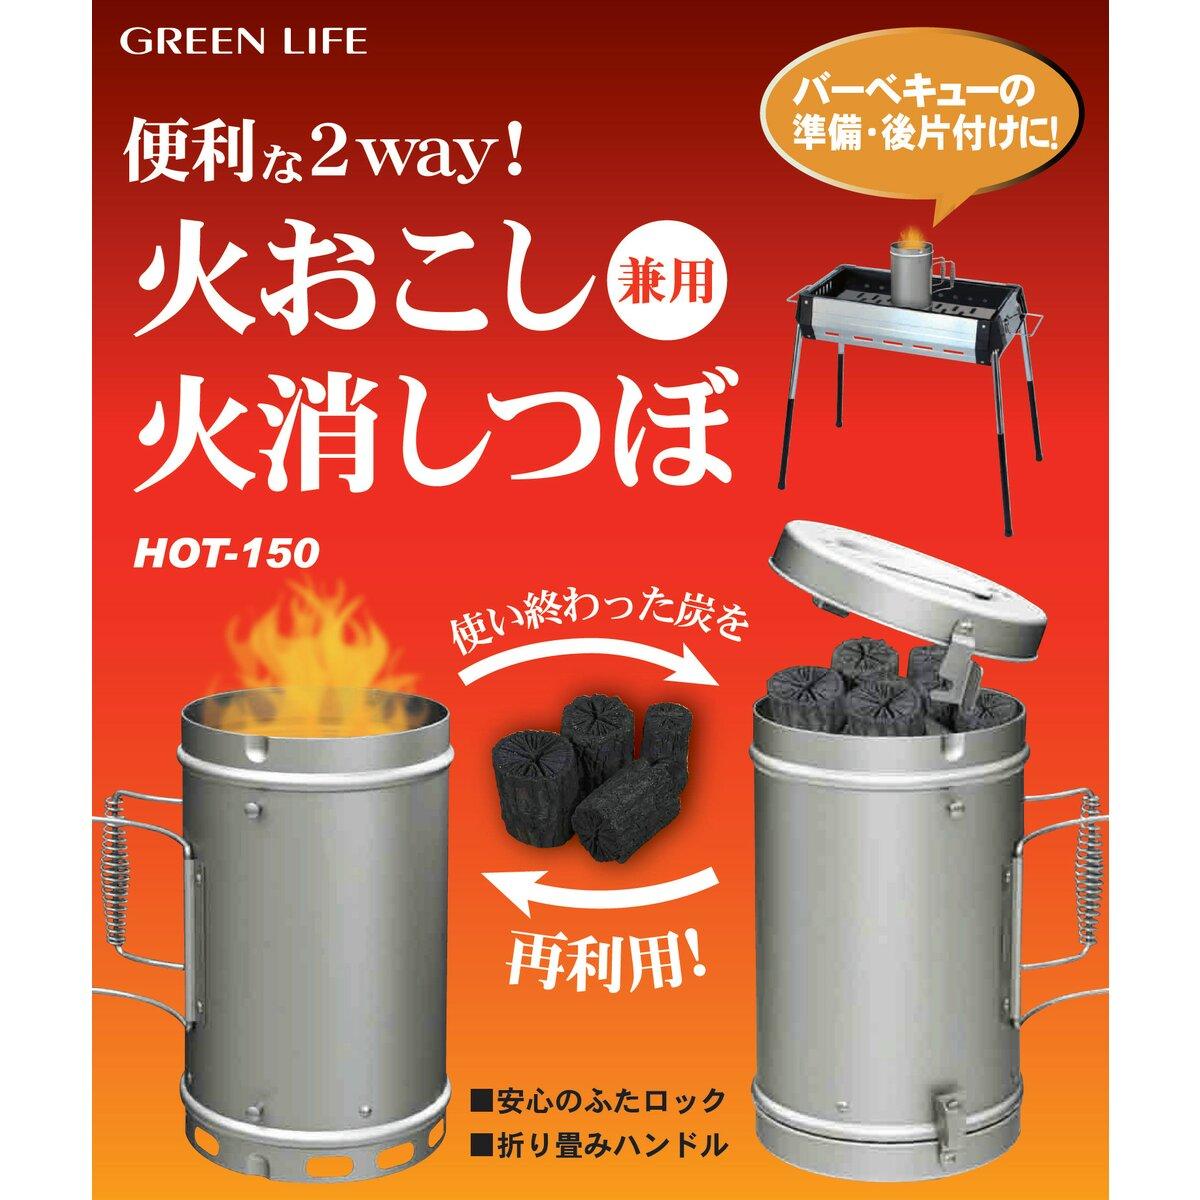 グリーンライフ『火おこし兼用火消つぼ(HOT-150)』